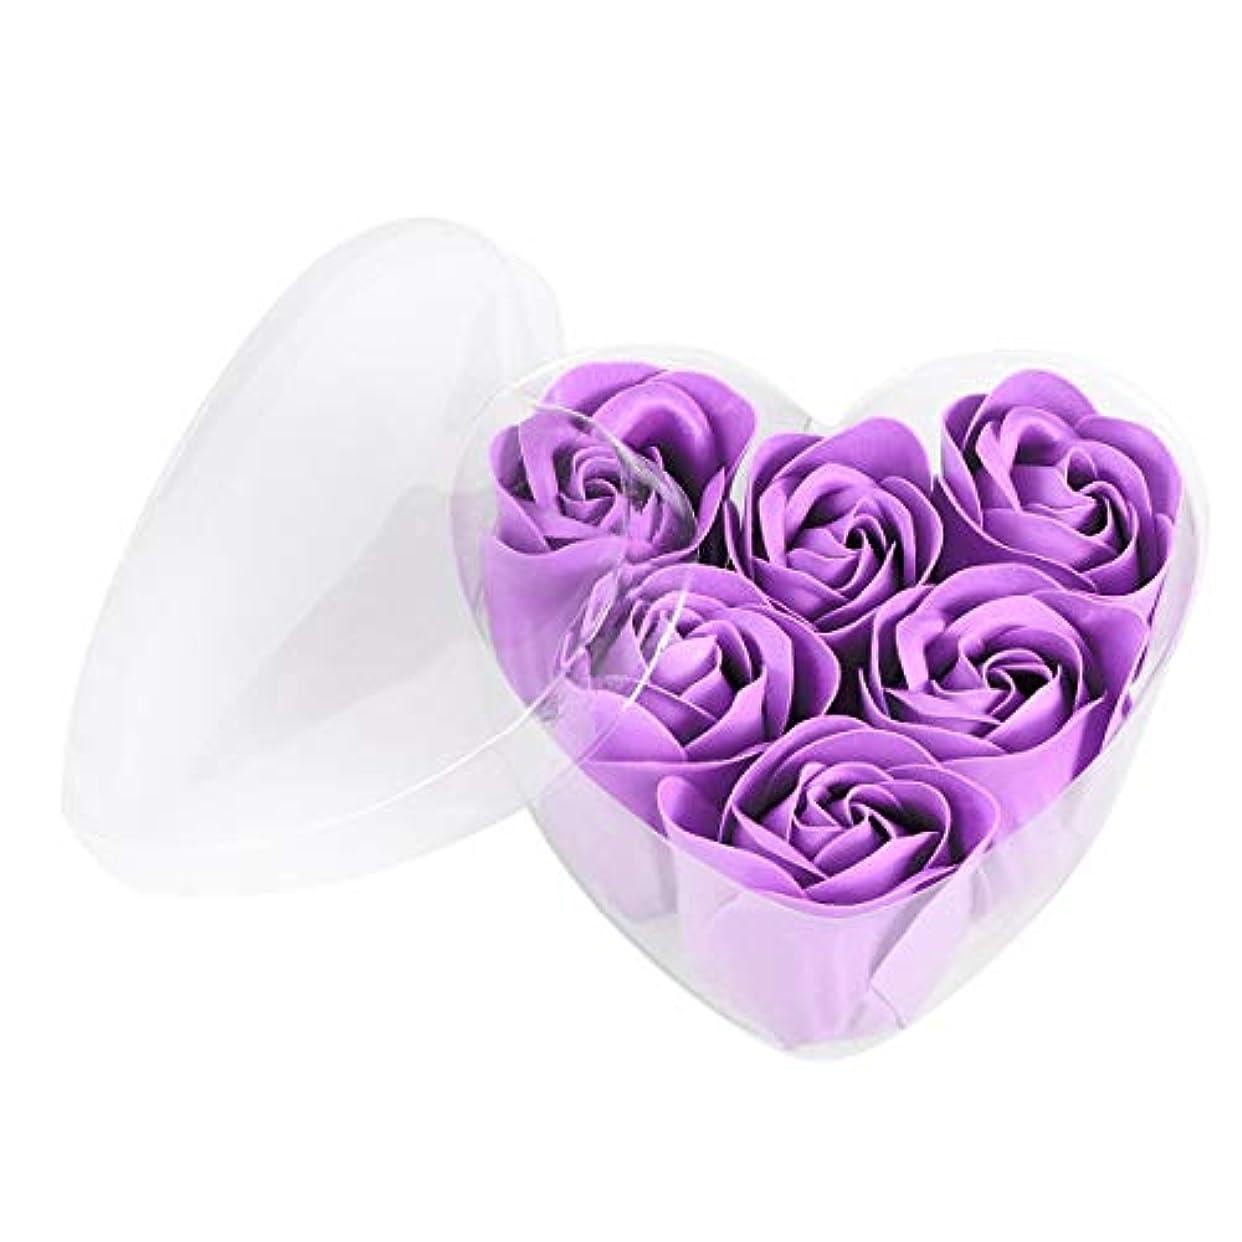 アラスカ静けさレガシーBeaupretty 6本シミュレーションローズソープハート型フラワーソープギフトボックス結婚式の誕生日Valentin's Day(紫)